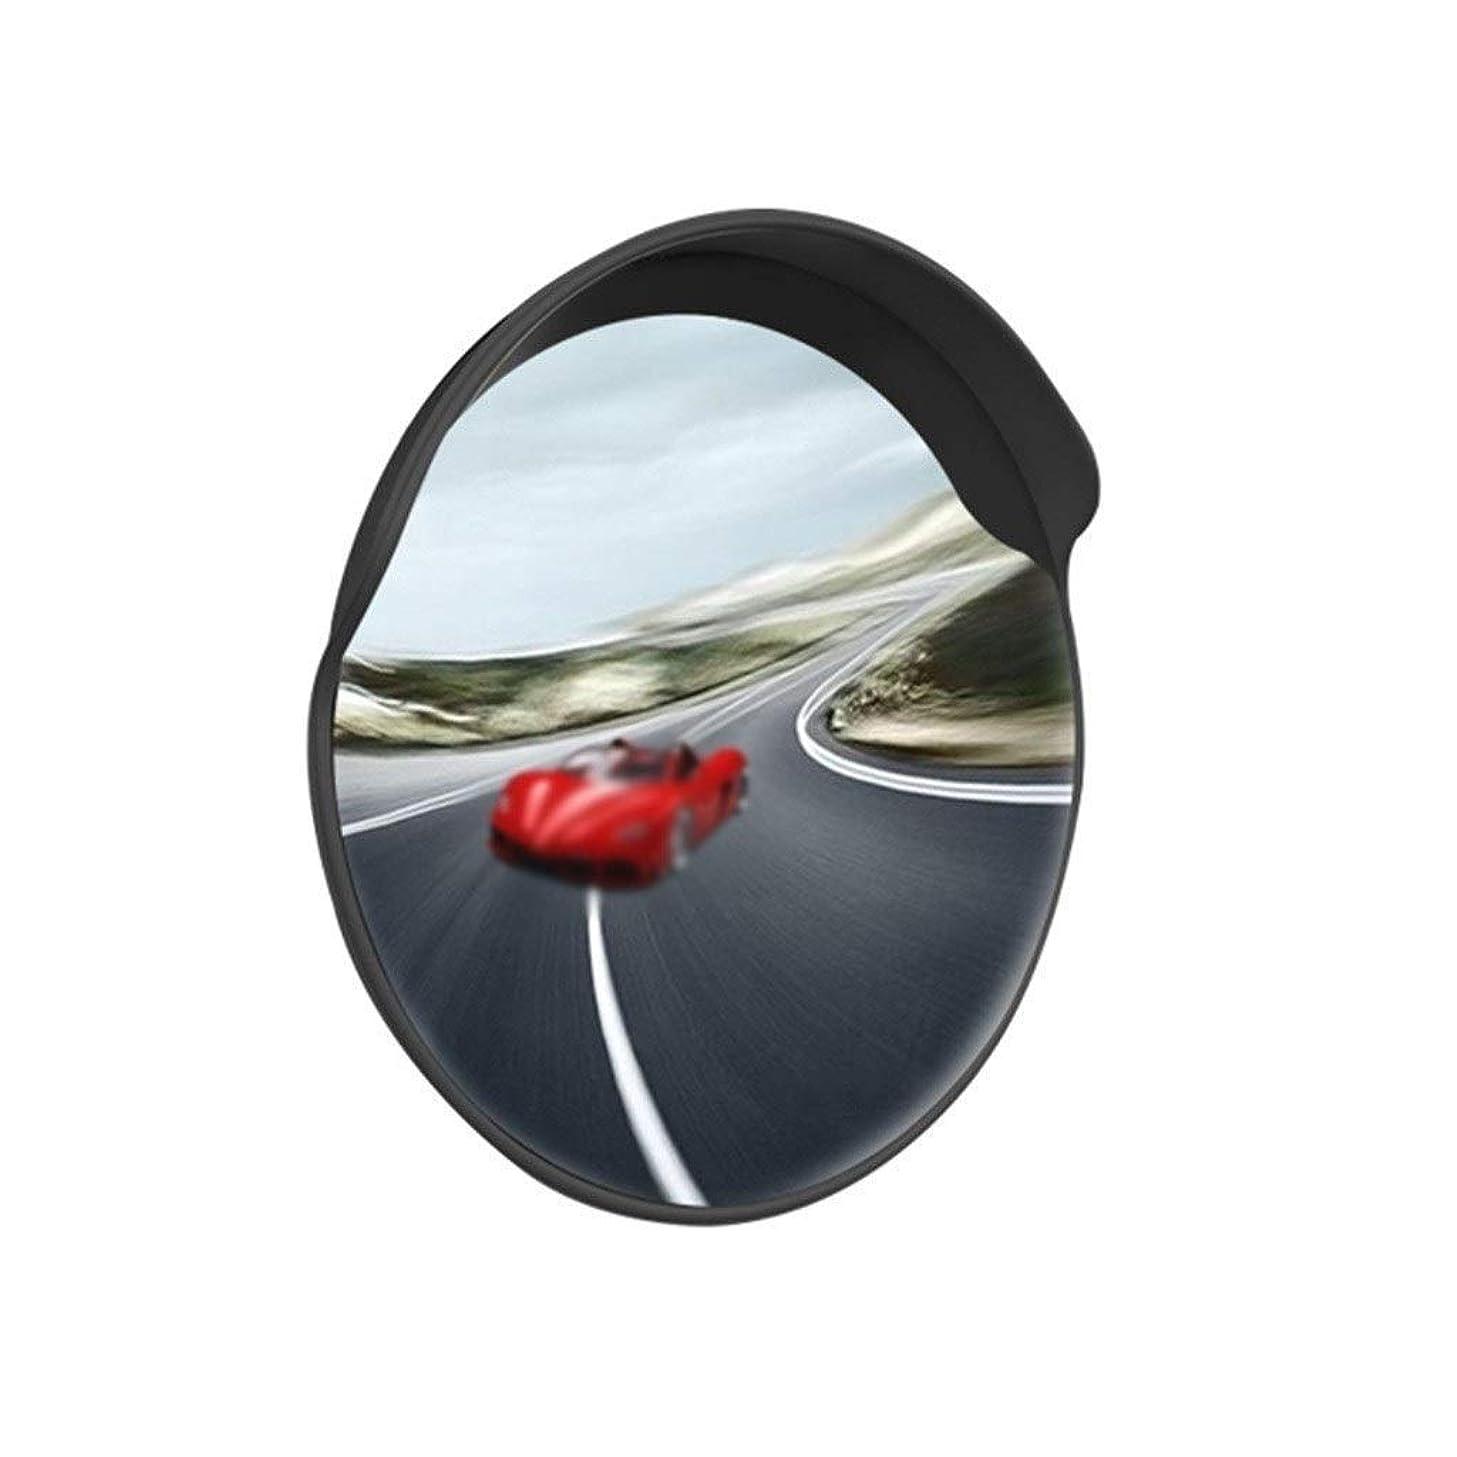 グレードファッションエッセイブラックトラフィックミラー、45CM飛散防止凸面ミラー耐久性のあるポータブルセーフティミラー屋内屋外ブラインドスポットミラー(サイズ:45CM)